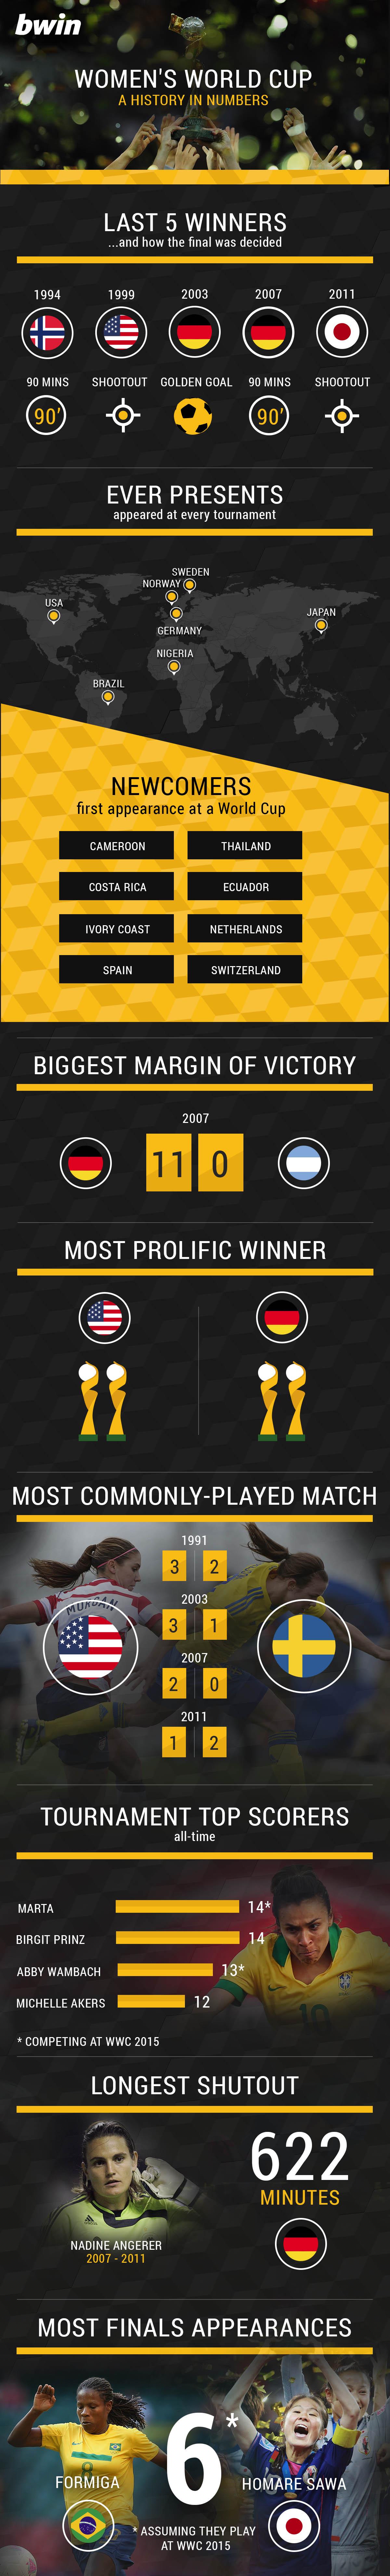 womens-world-cup-newsbwin (1)